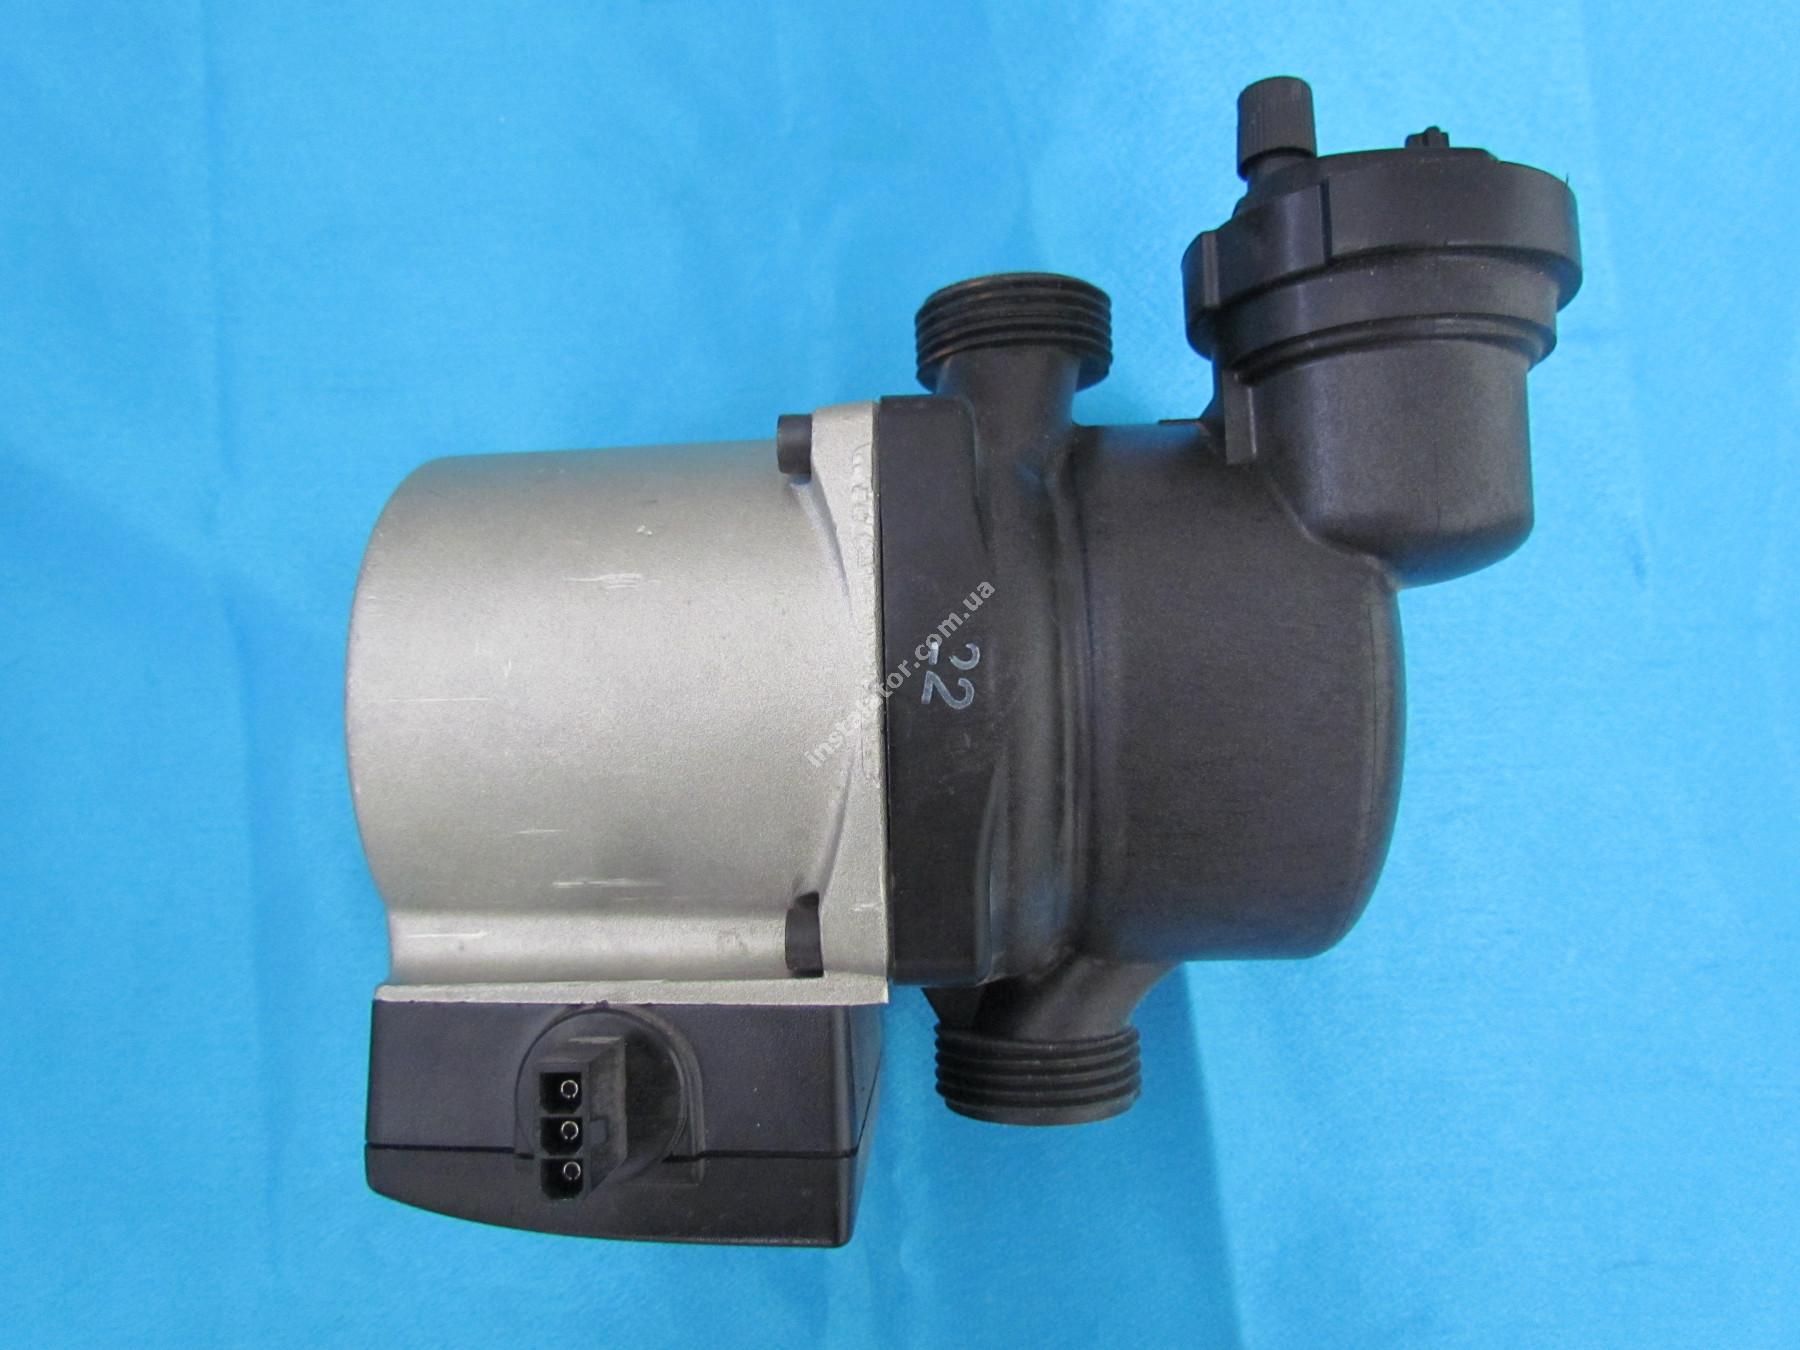 59945536 Циркуляційний насос з розповітрювачем Grundfos 15-50 full-image-0